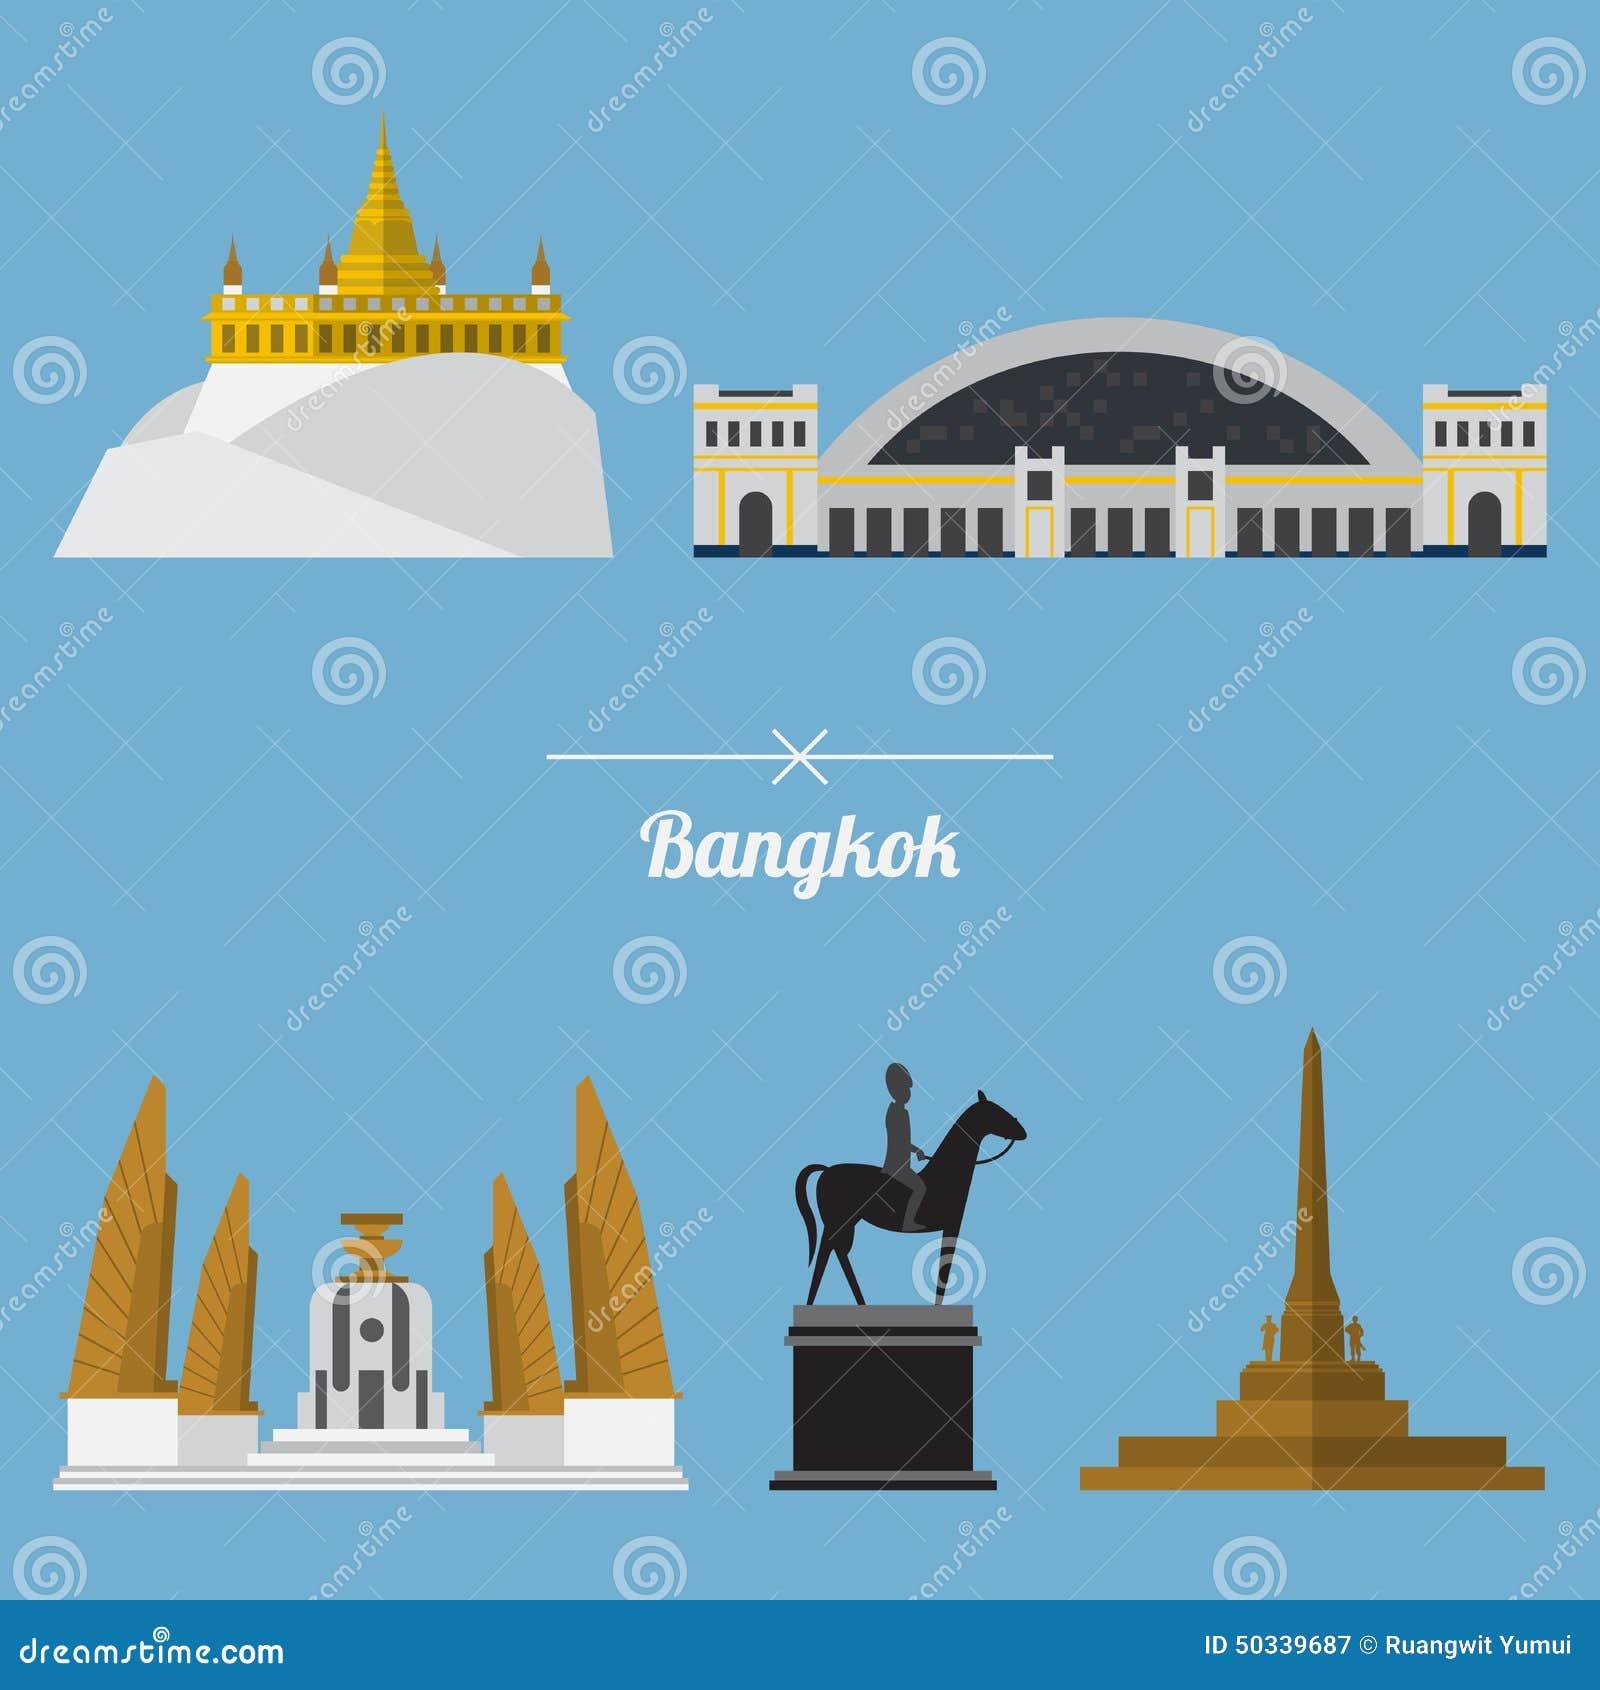 City landmark royalty free stock image for Landmark design